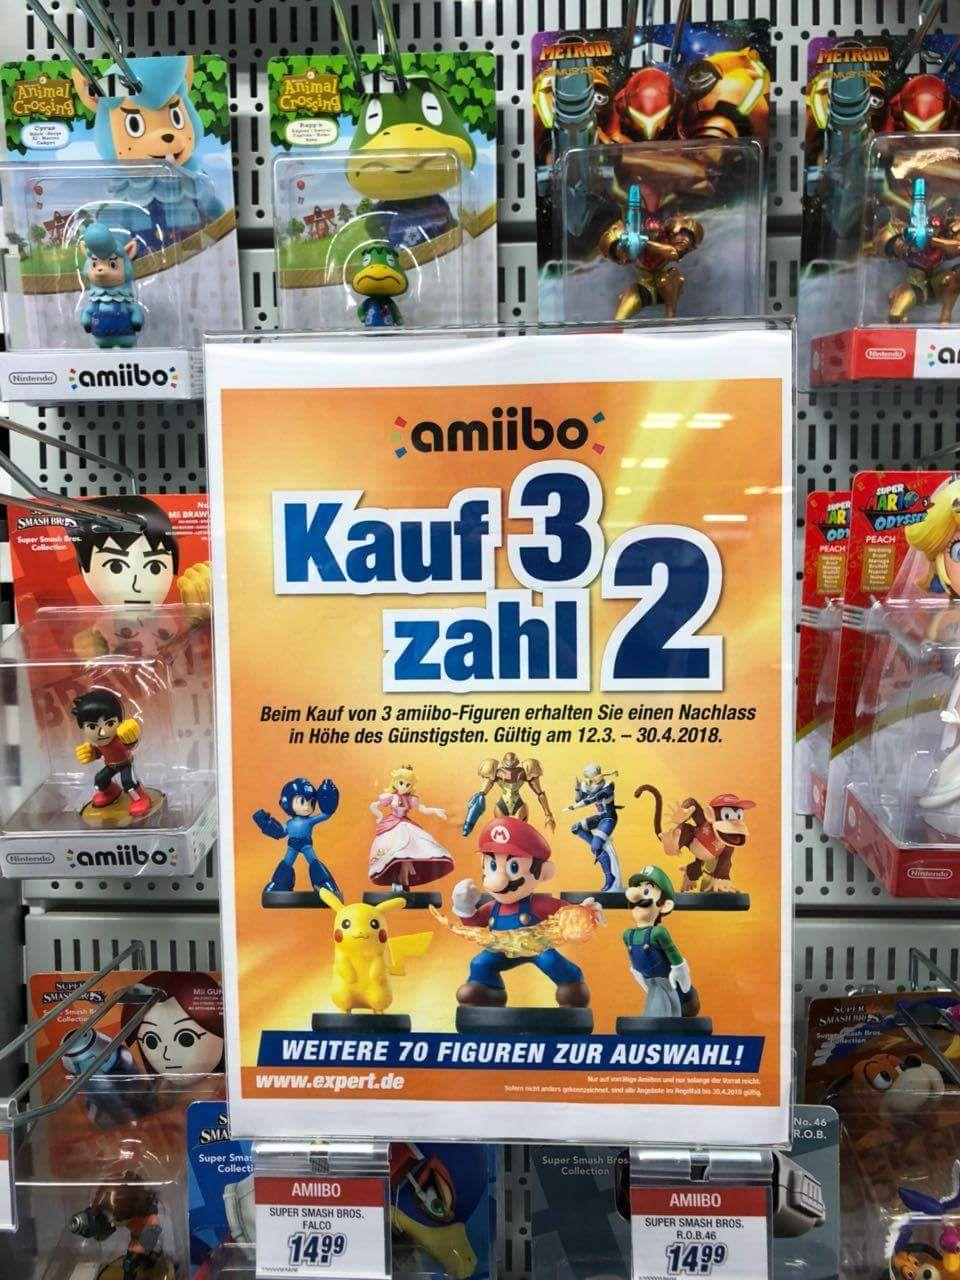 [Expert] Alle Amiibo Figuren für 3 zahl 2 [Möglicherweise NUR Lokal]